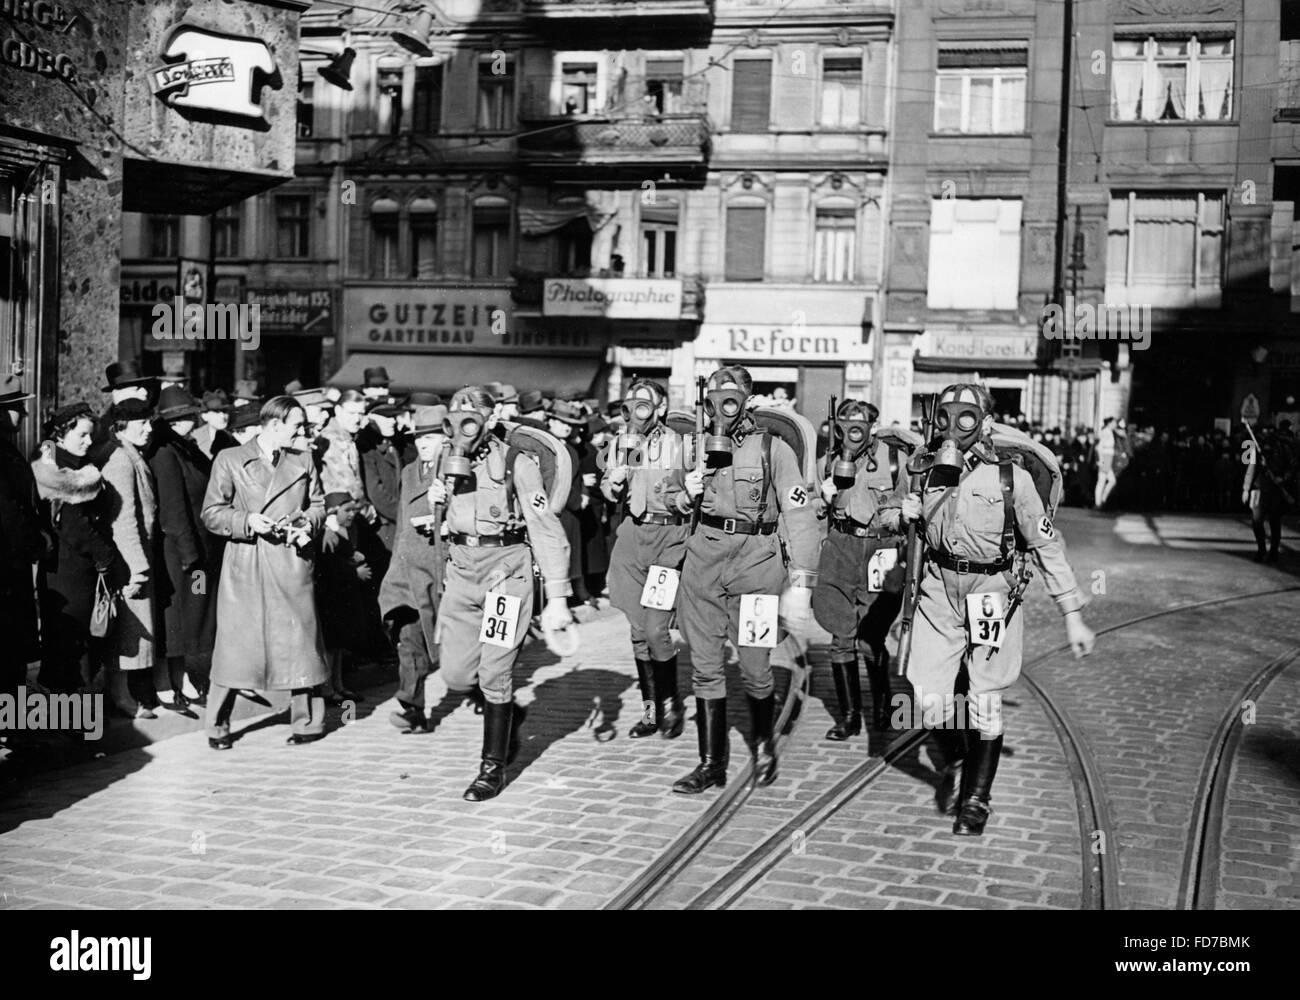 SA relay race with gas mask, 1939 - Stock Image